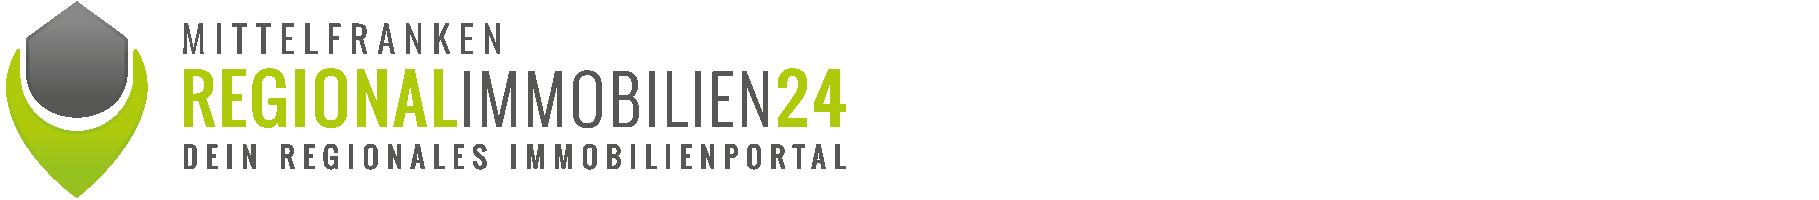 Mittelfrankenimmobilien24